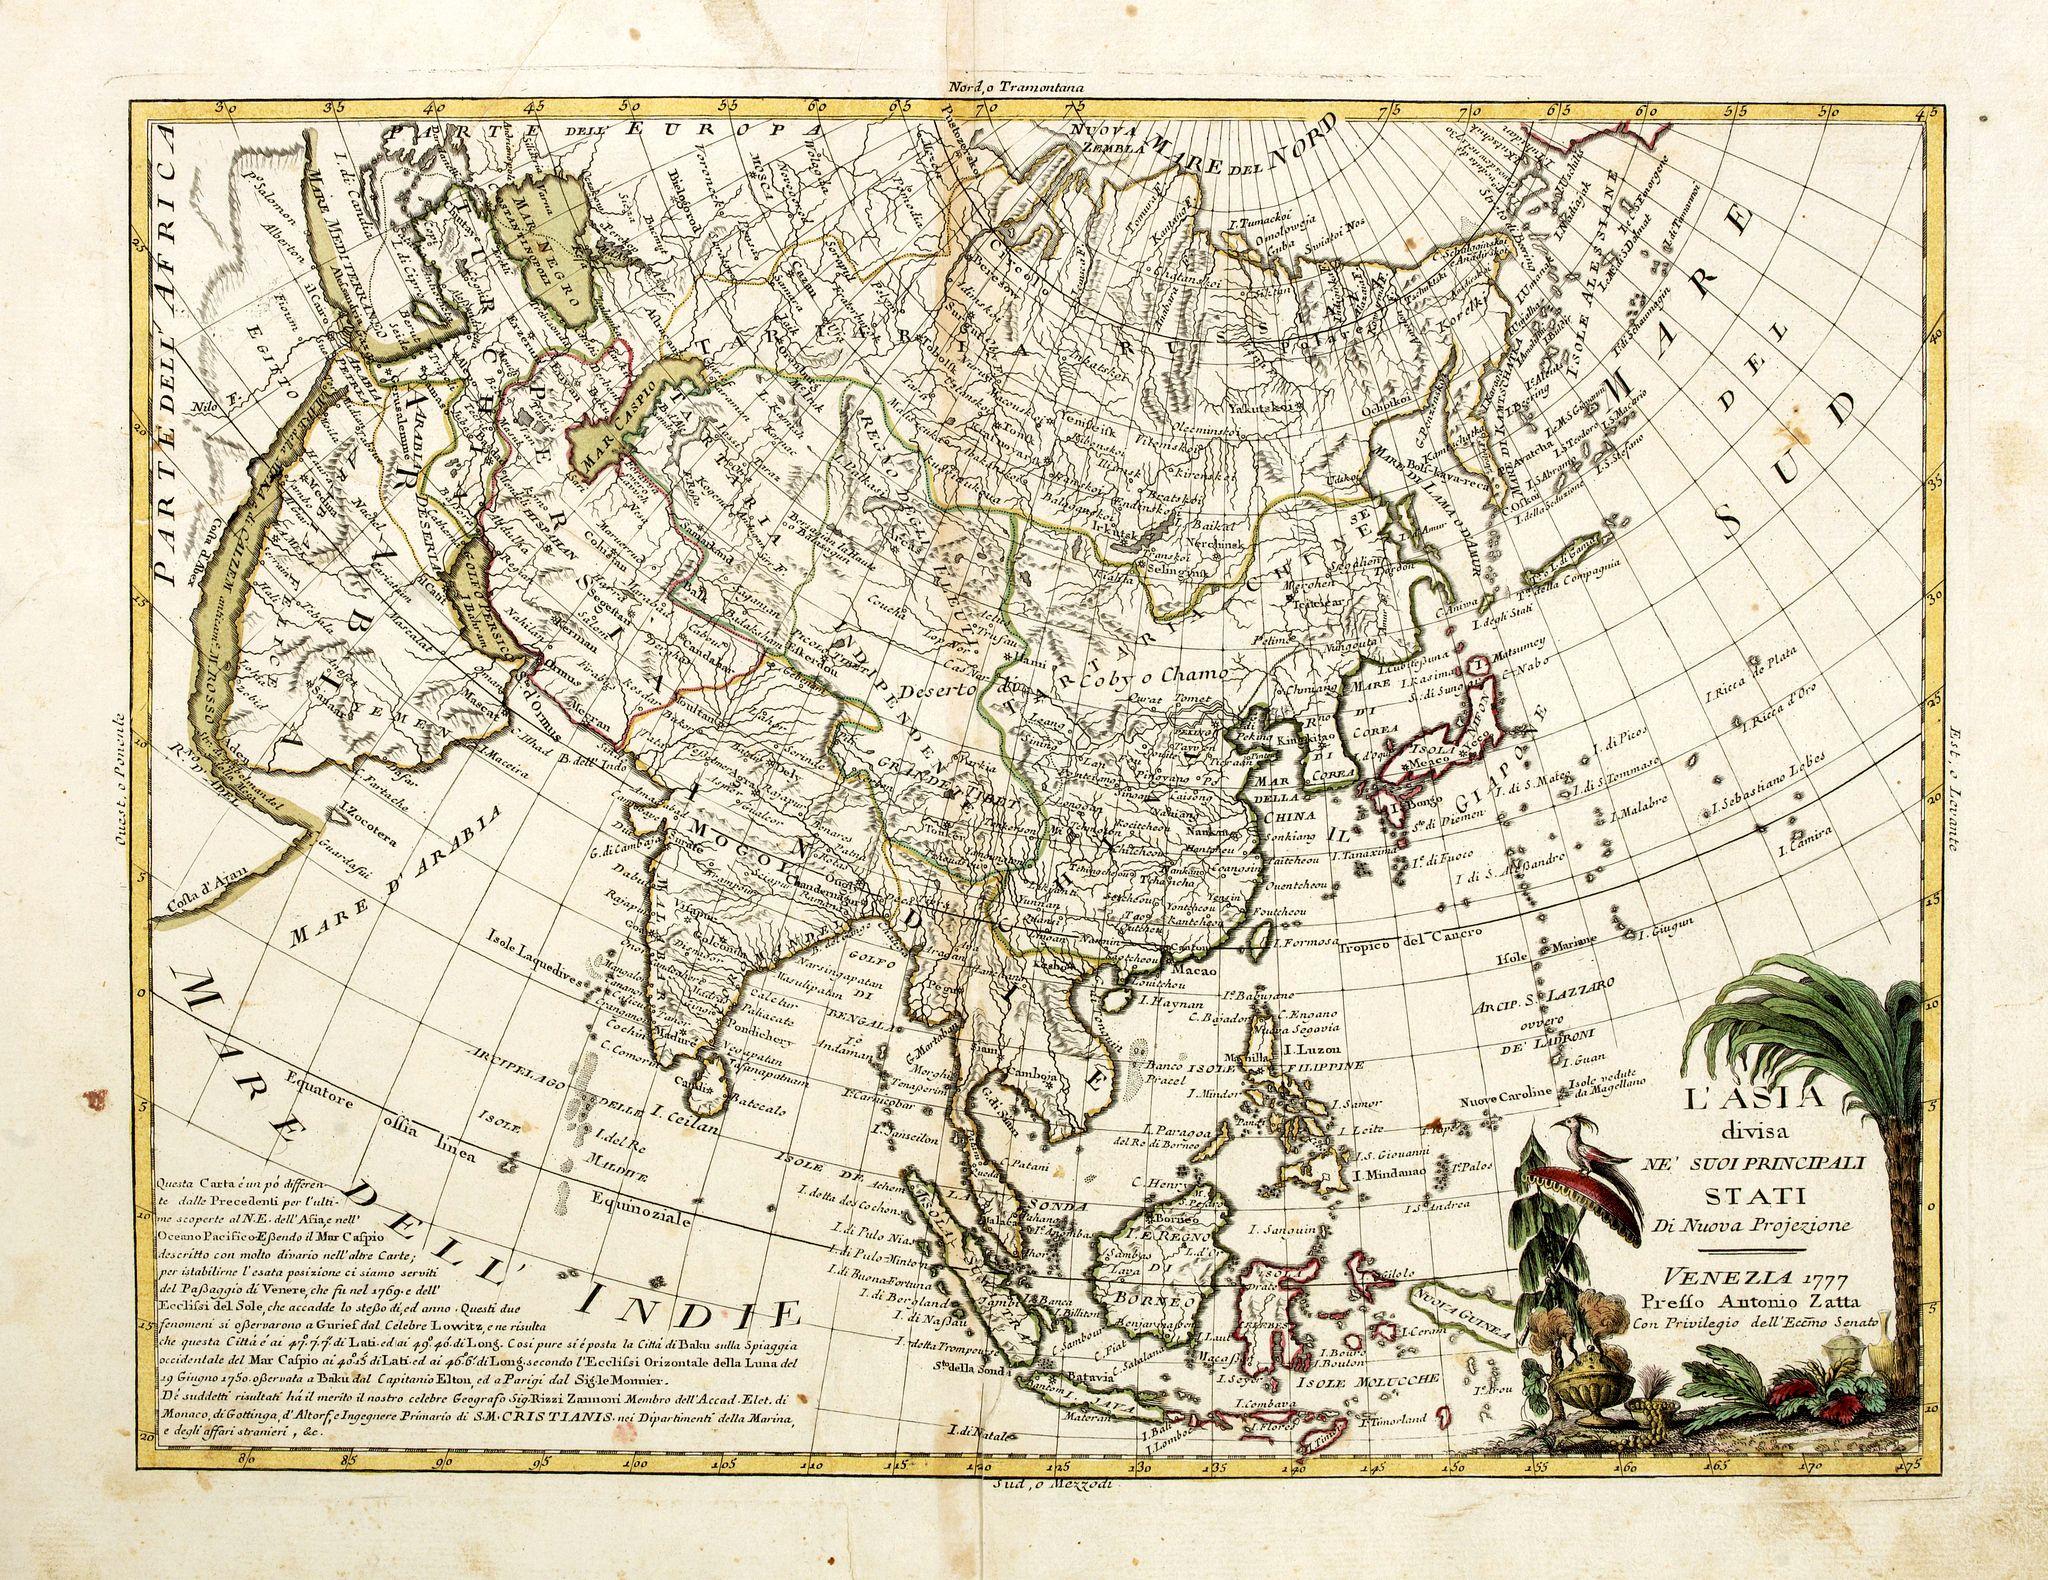 ZATTA, A. -  L'Asia divisa ne' suoi principali stati di nuova projezione.